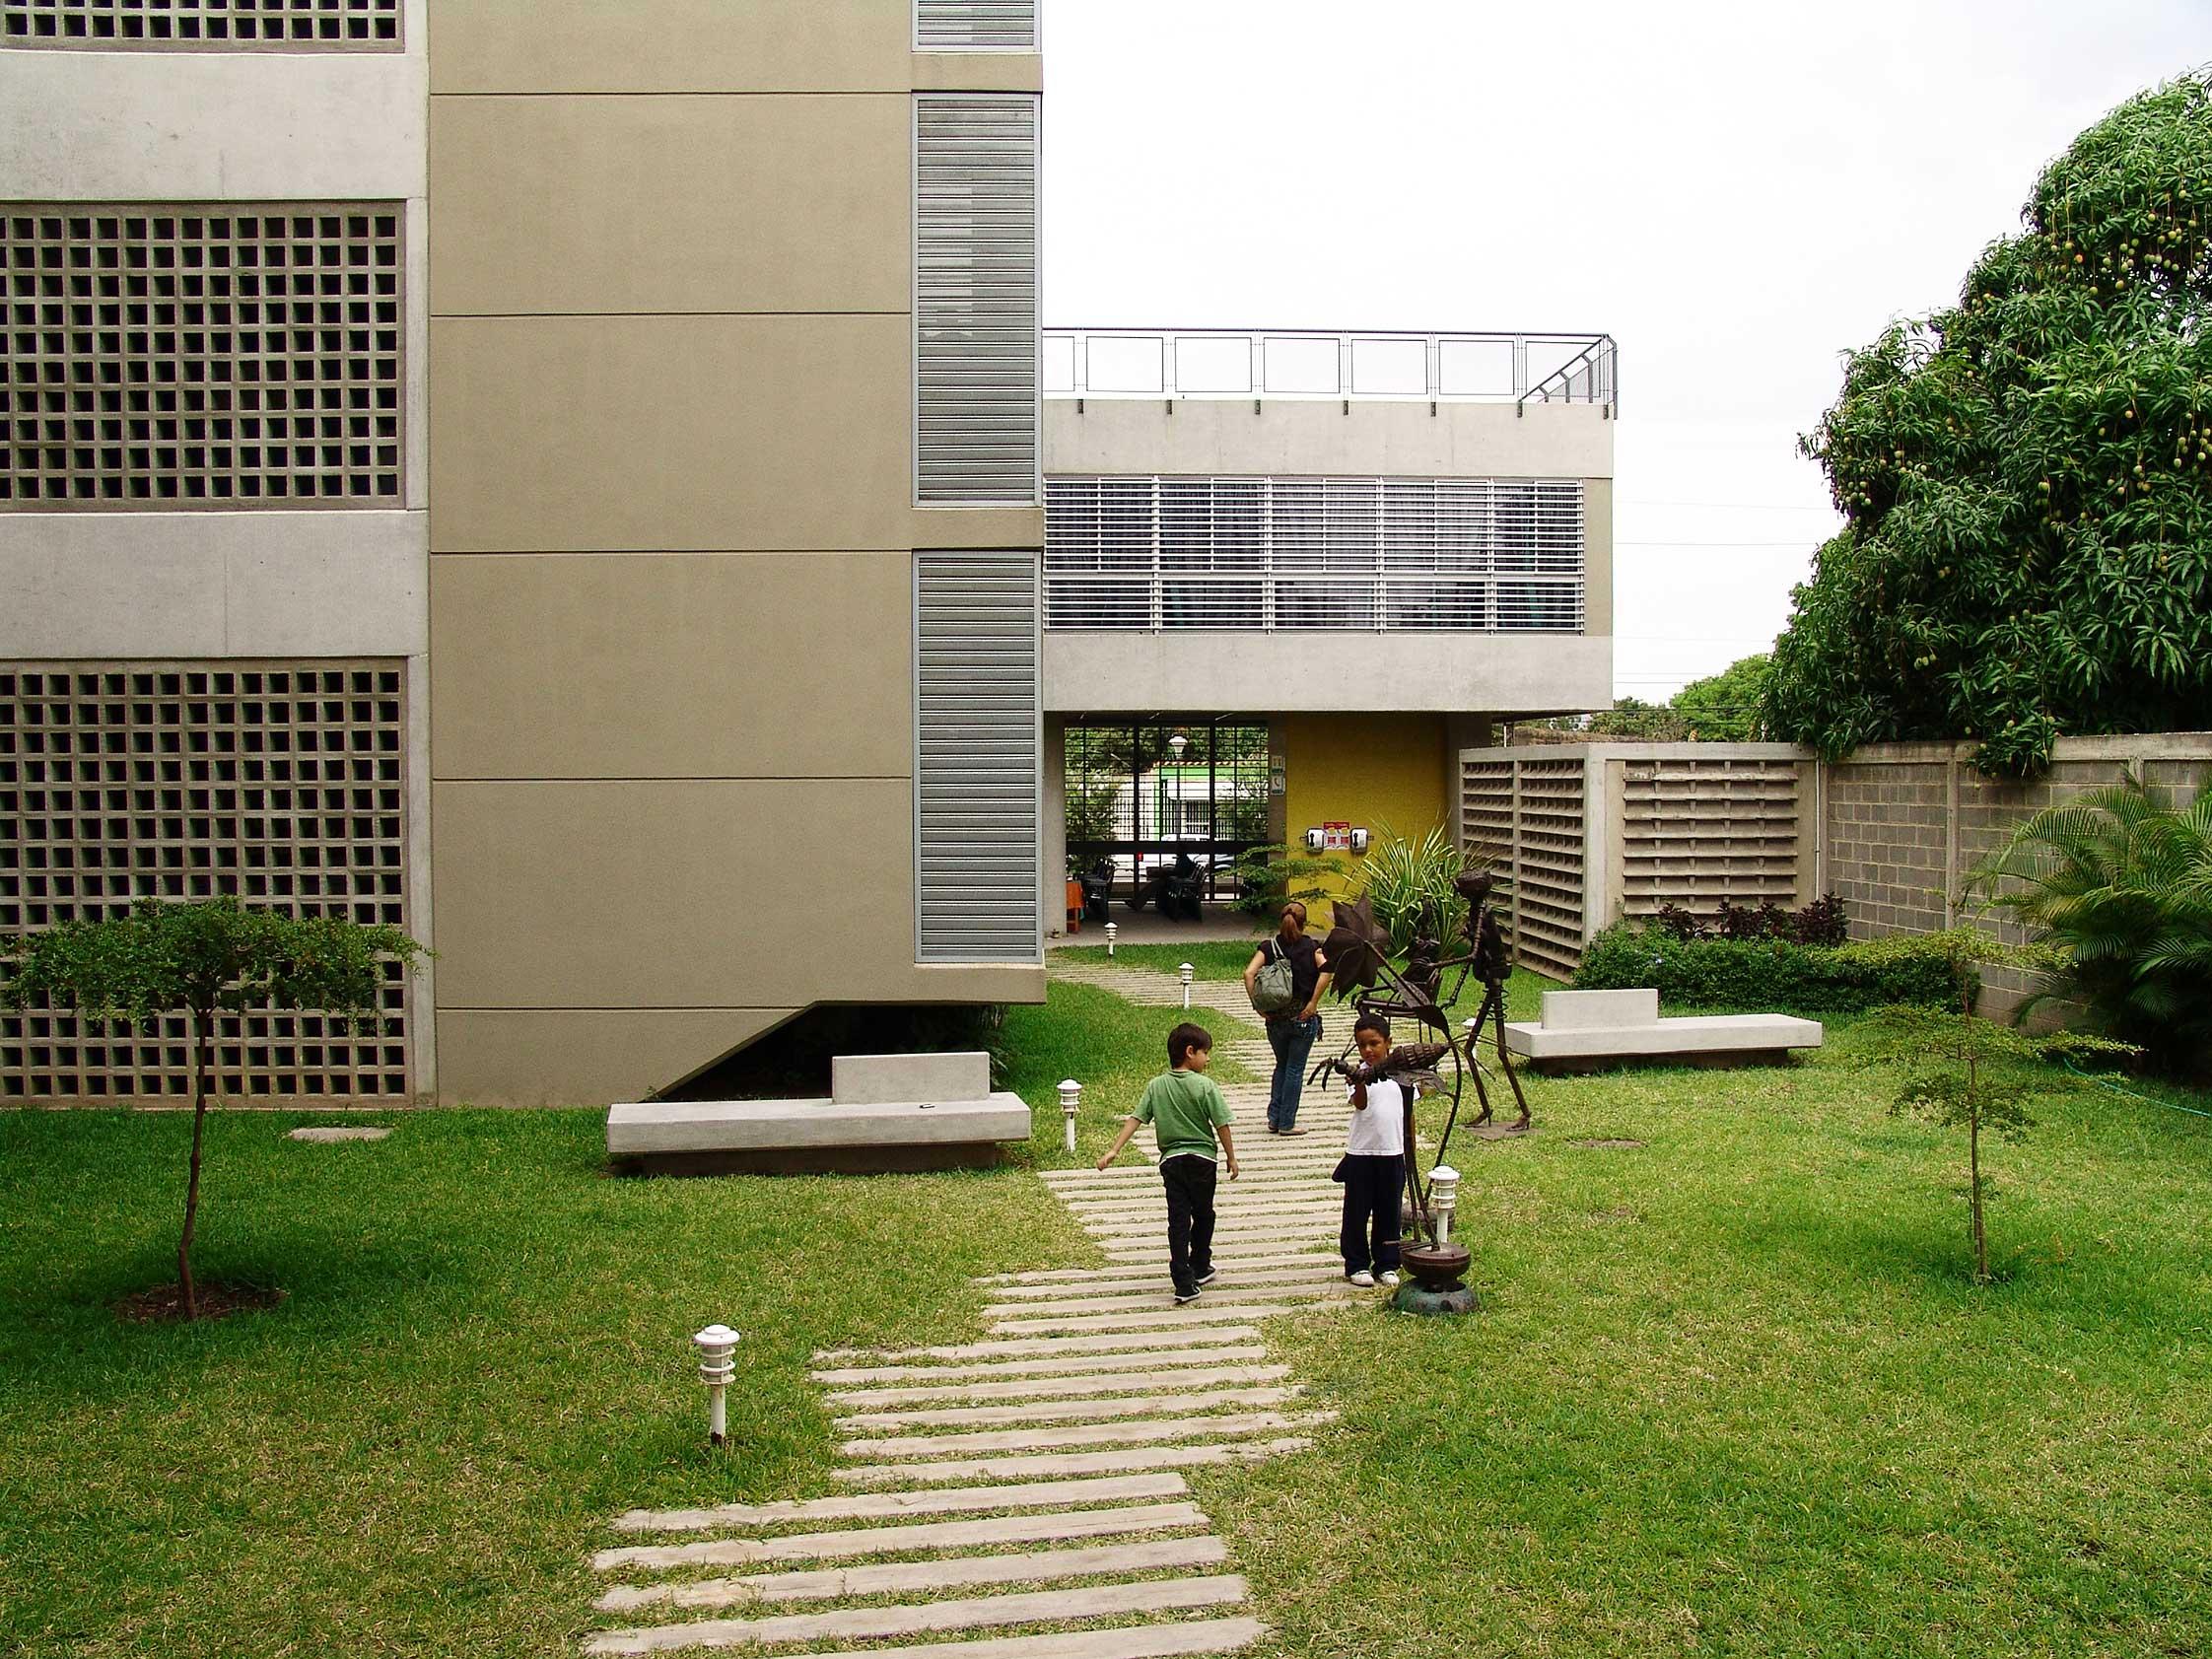 Centro integral cooperativo de salud yuso for Centro de salud ciudad jardin